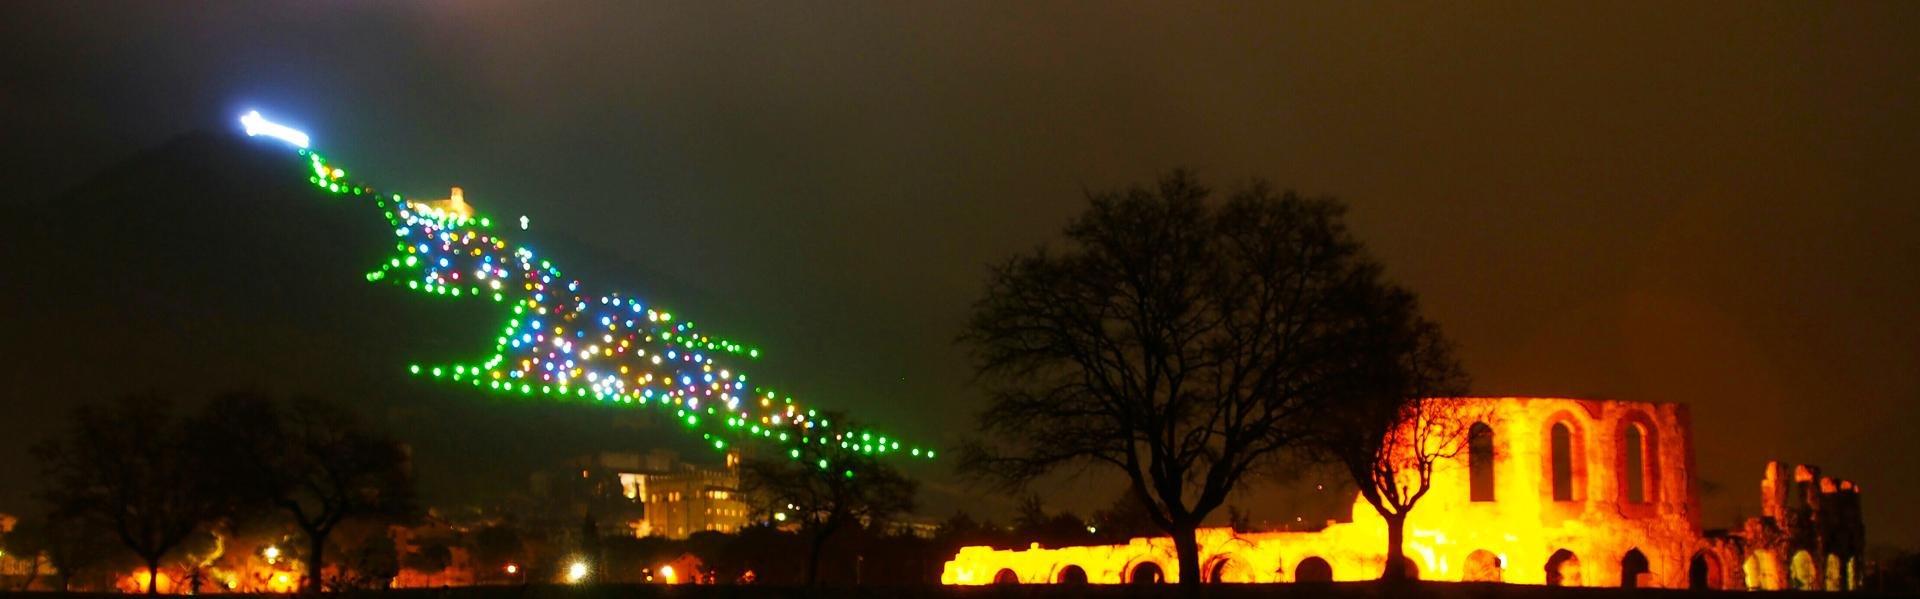 Kerstboom in Gubbio, Umbrië, Italië